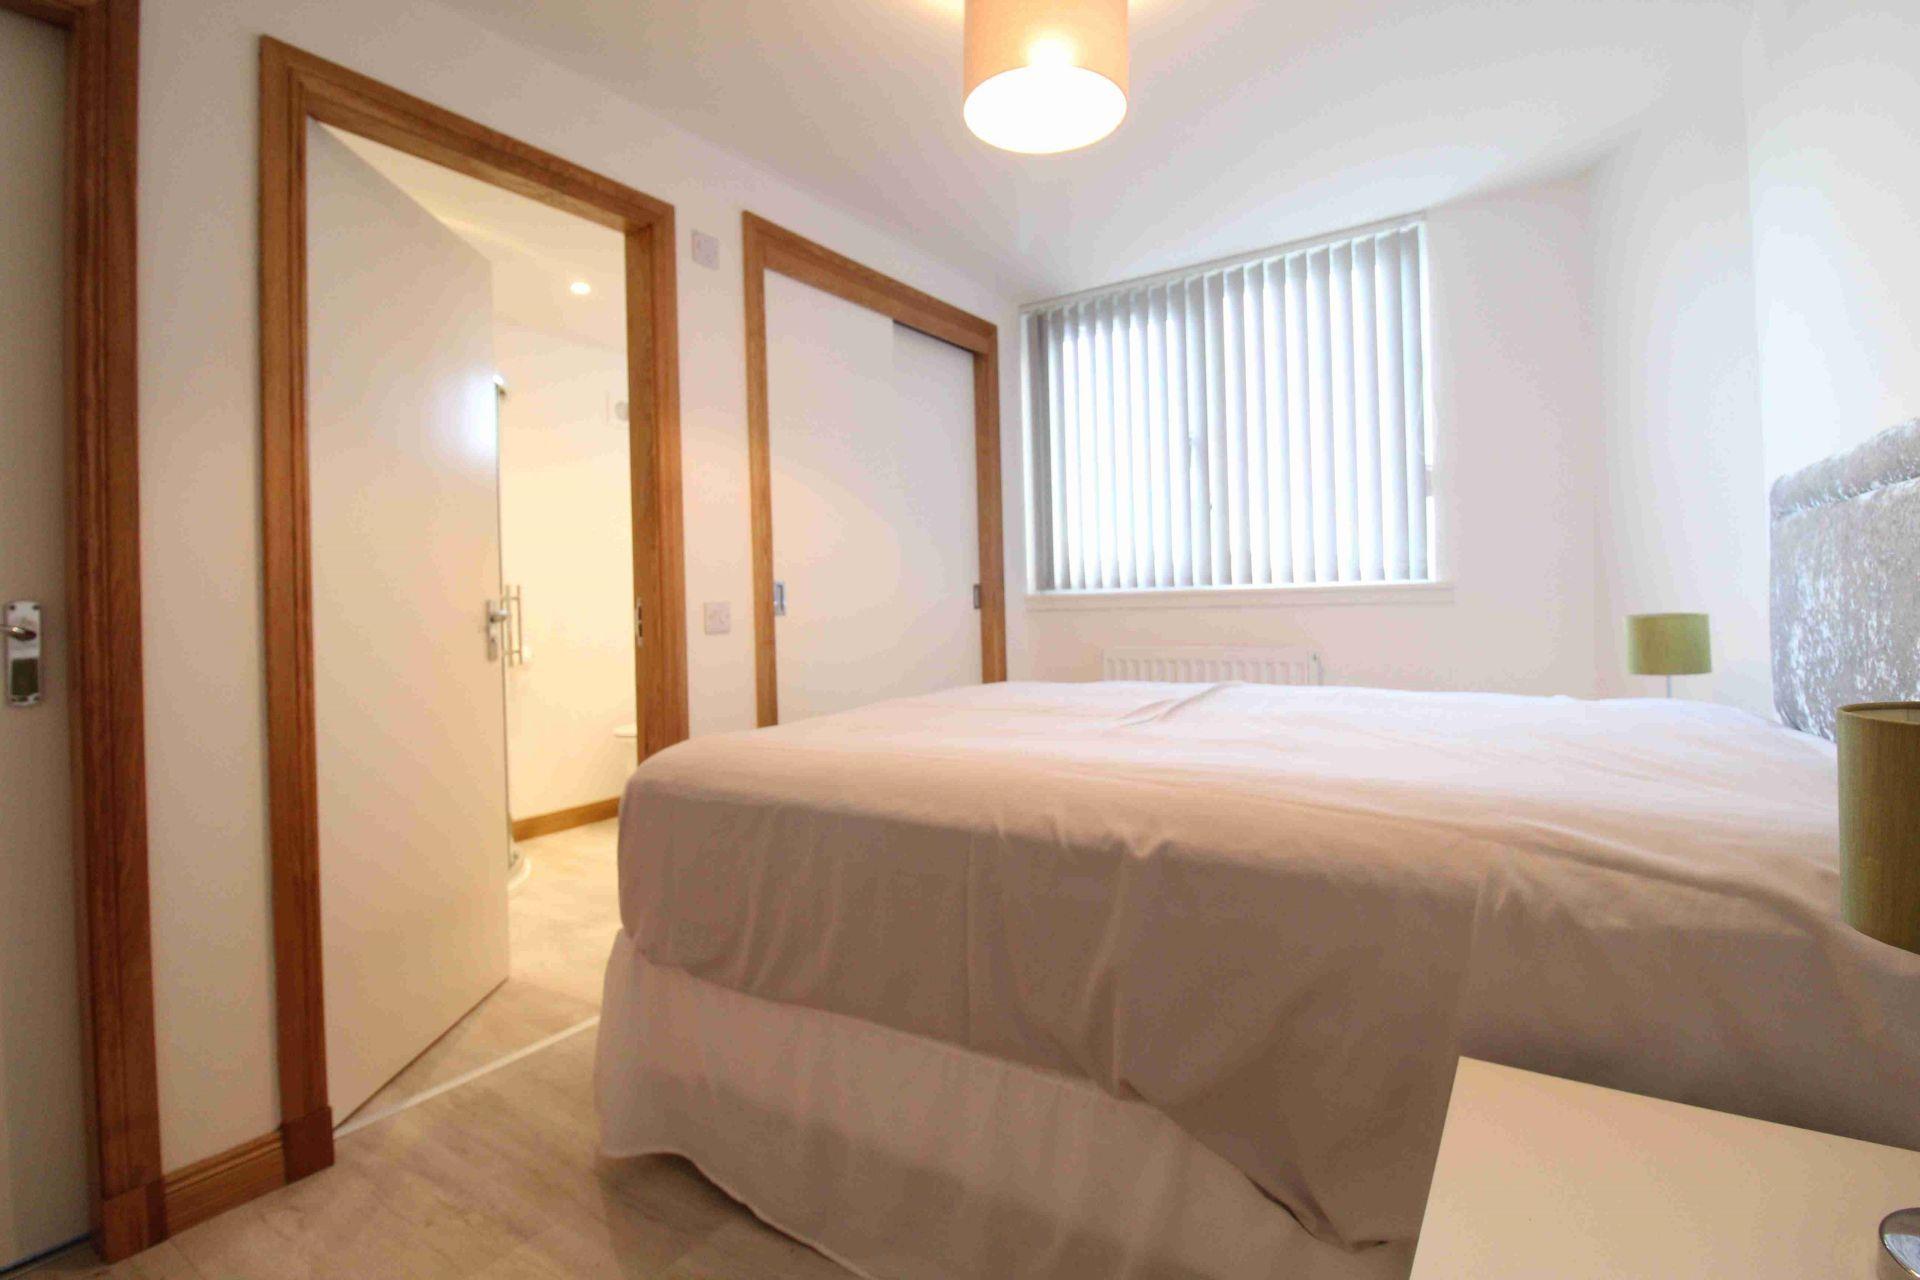 ARD-Properties-Development-Sites-Buy-Homes-Rent-Aberdeenshire-Rentals-Apartment-B-Loanhead-Terrace-Aberdeen-Banner (8)